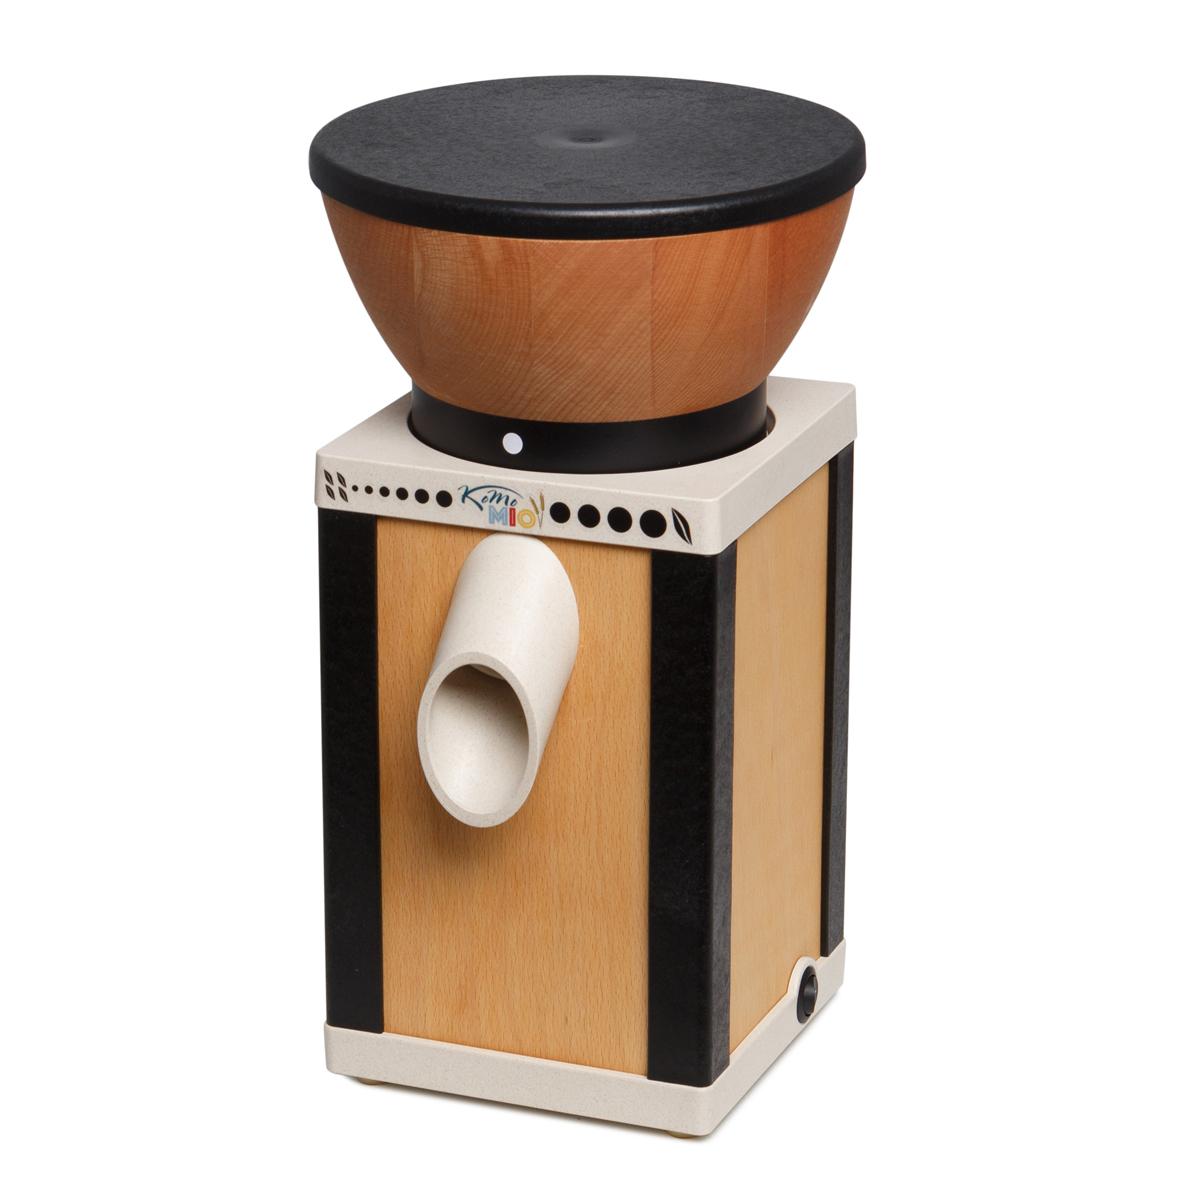 Скидки Электрическая мельница для зерна KoMo KoMoMio, черный черный.jpg